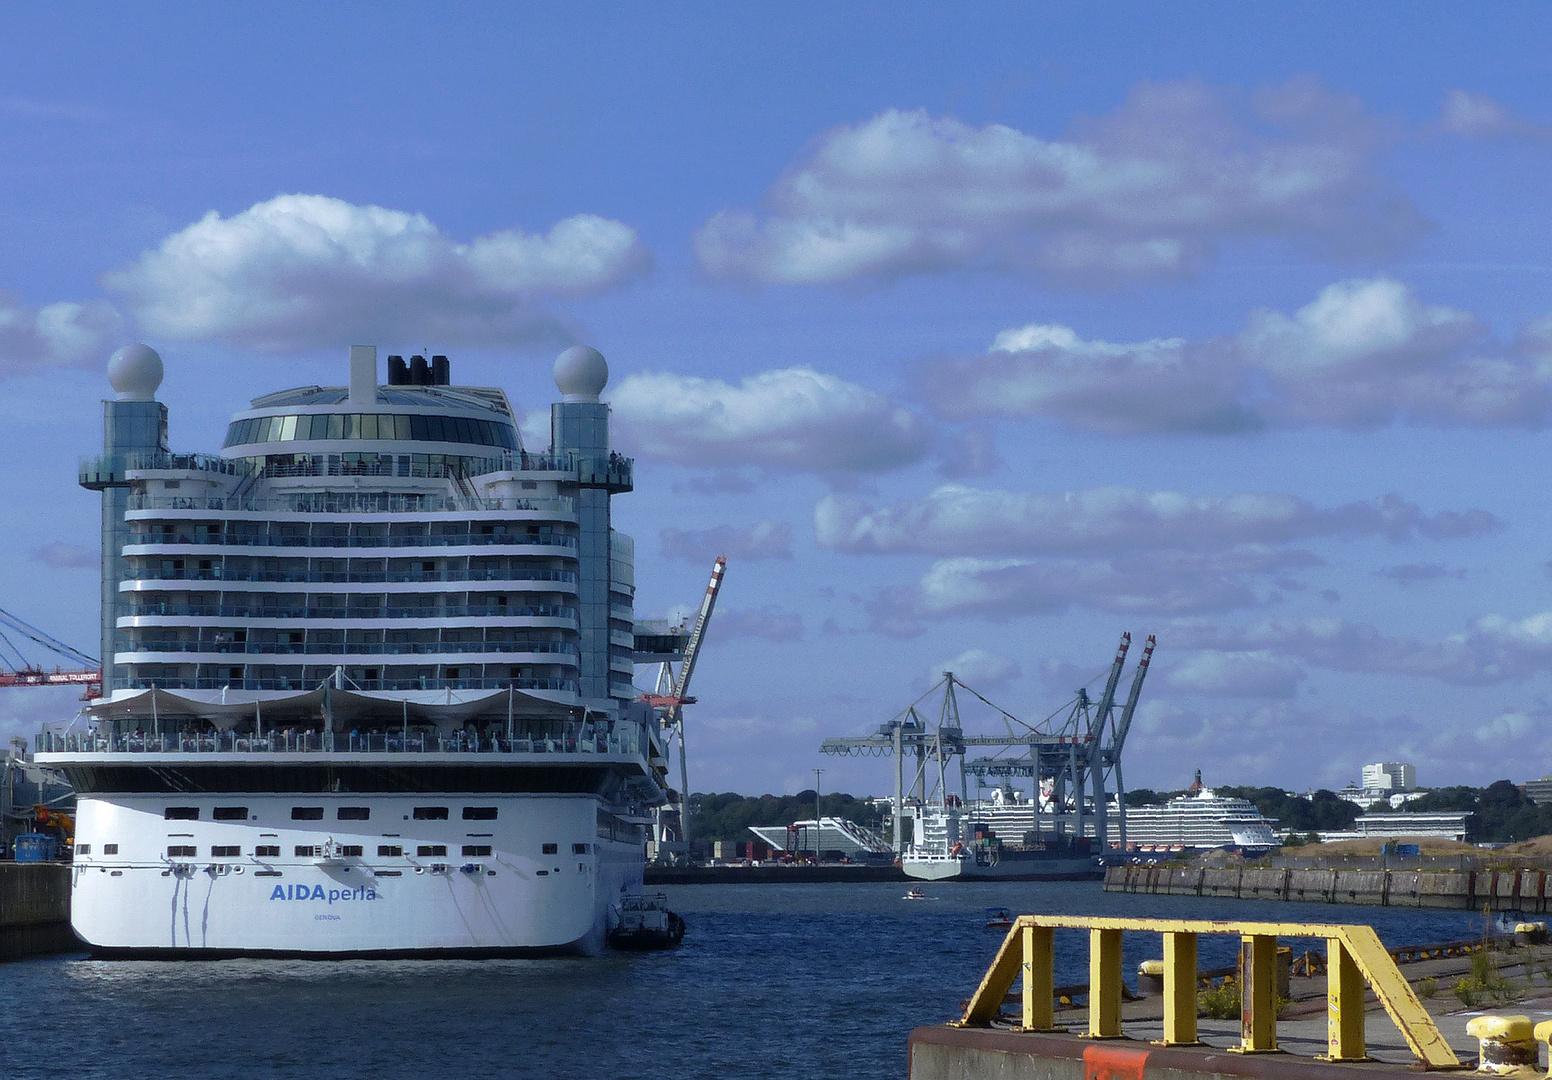 Einziger Cruise-Day  Schnappschuss! Der Rest d. Hafens war mir zu voll:-(......